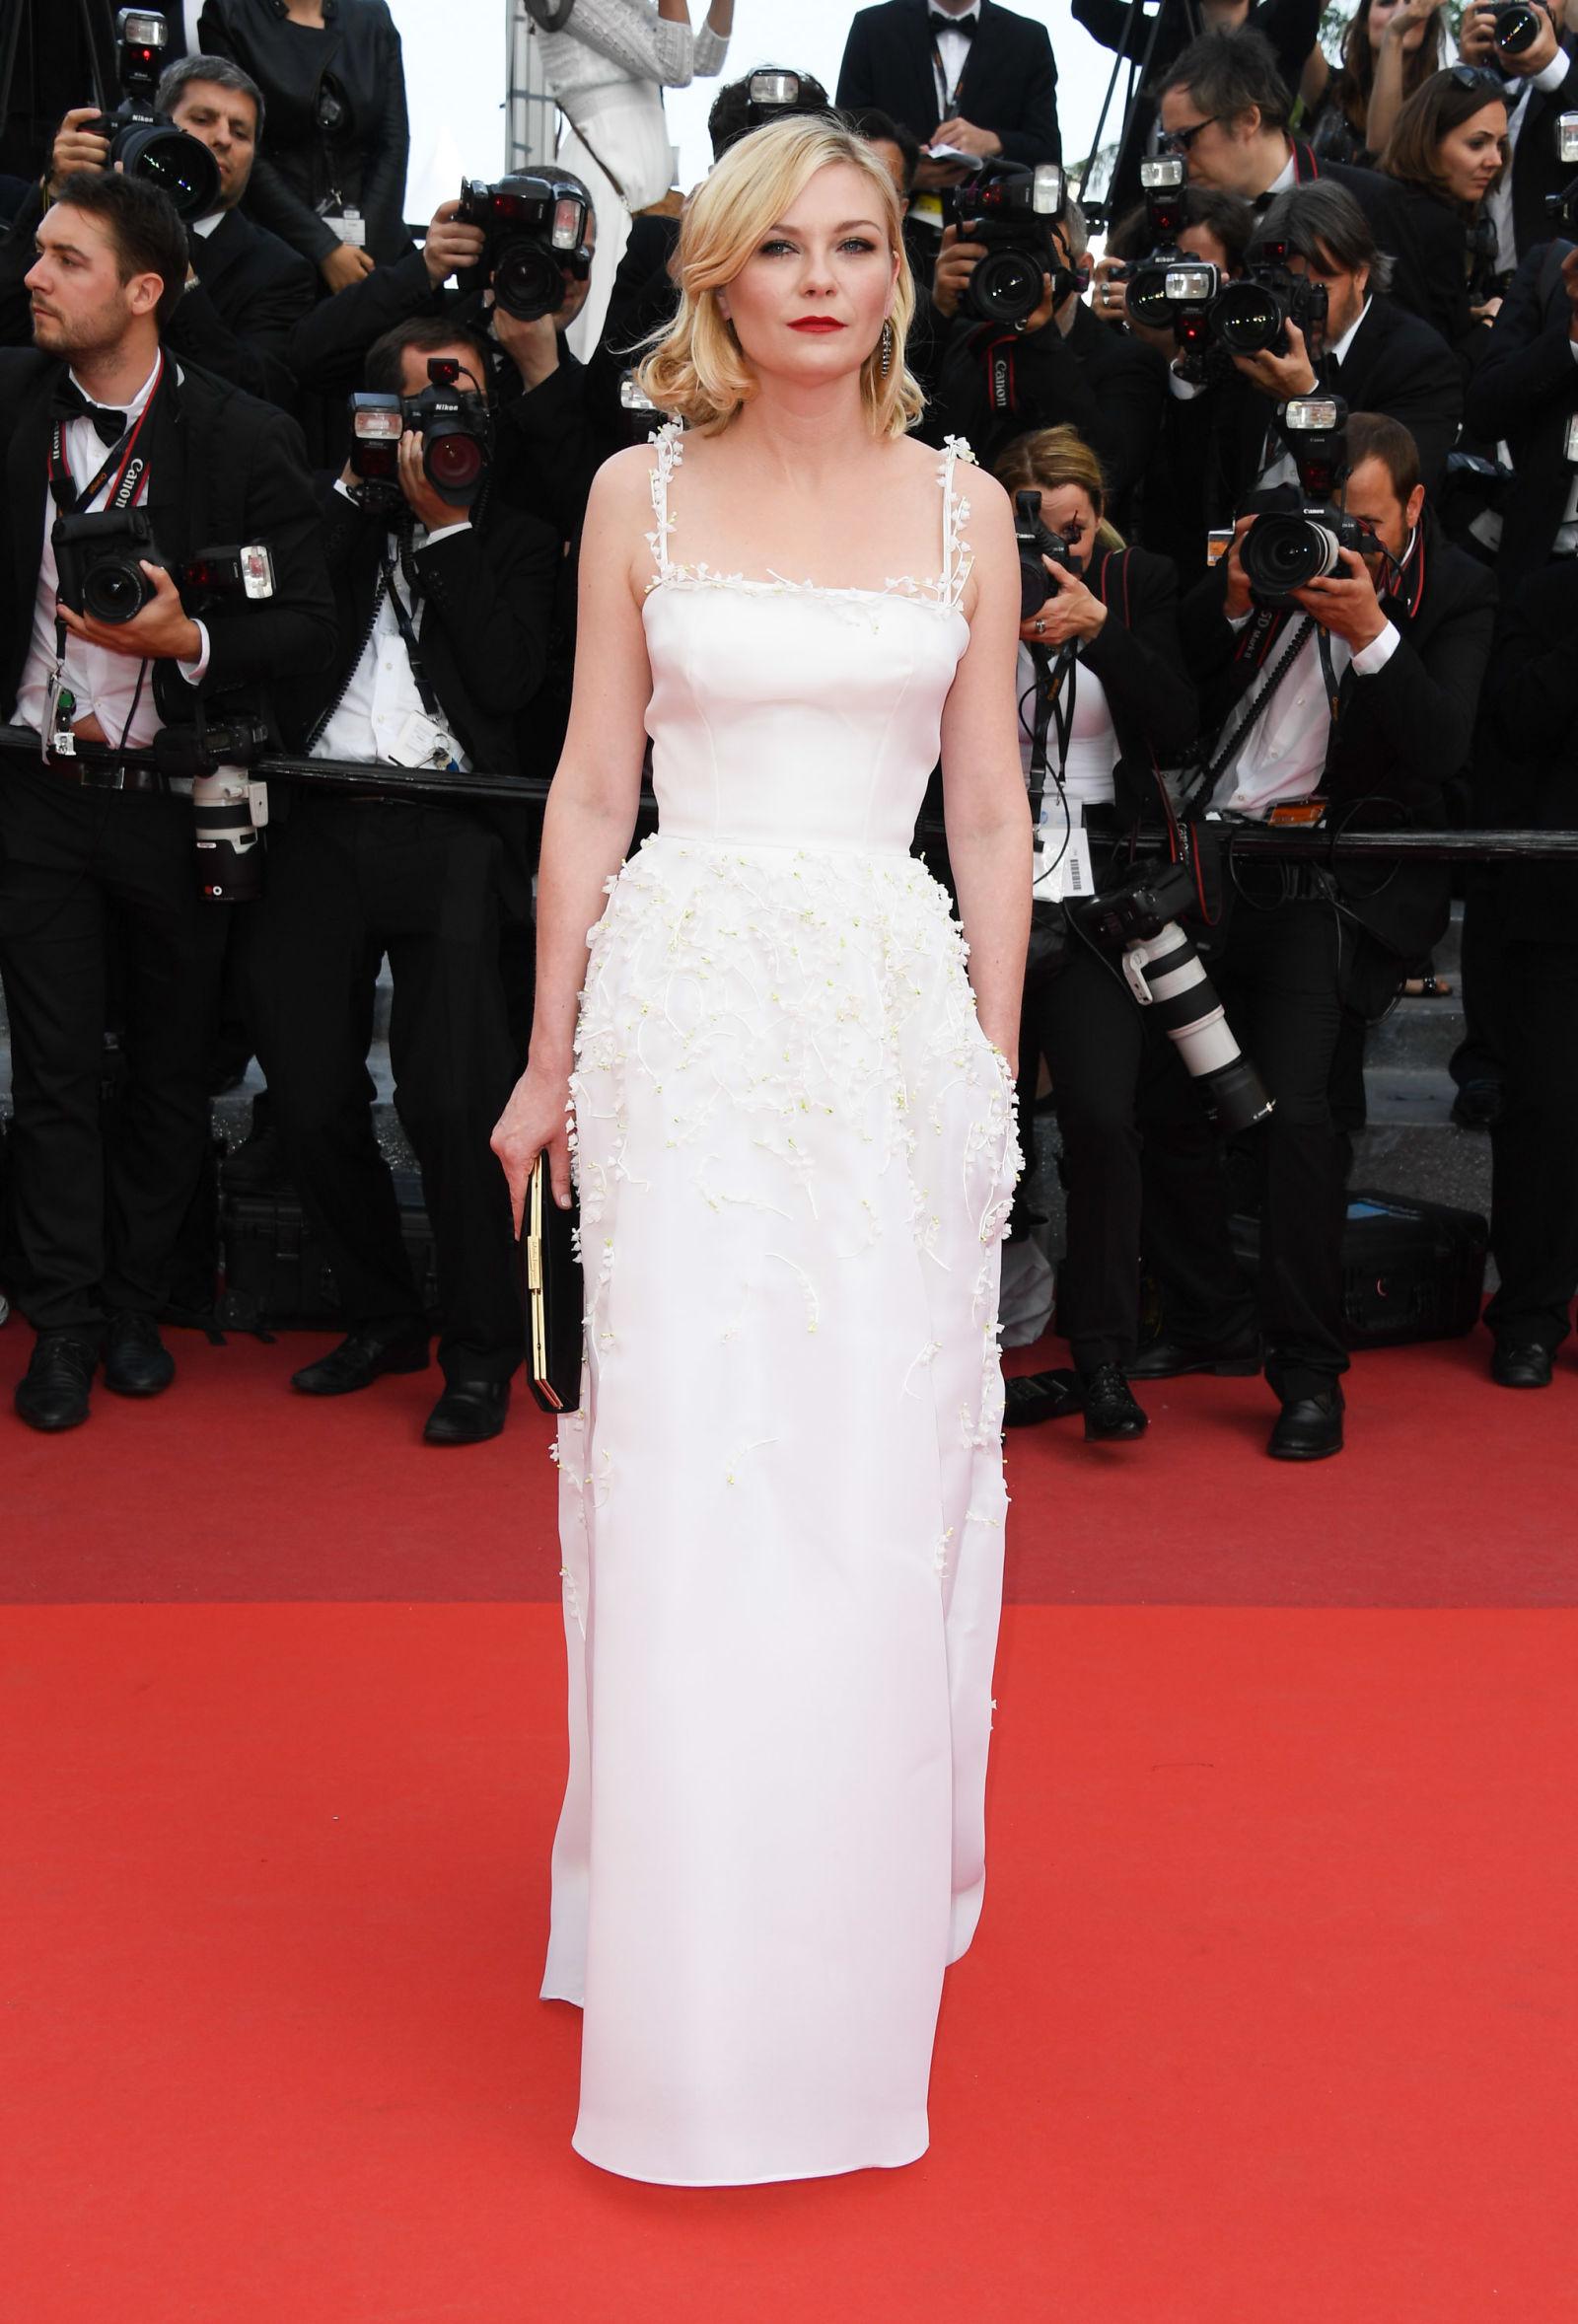 RED CARPET: Cannes Film Festival 2016 (part 4) – FaShionFReaks